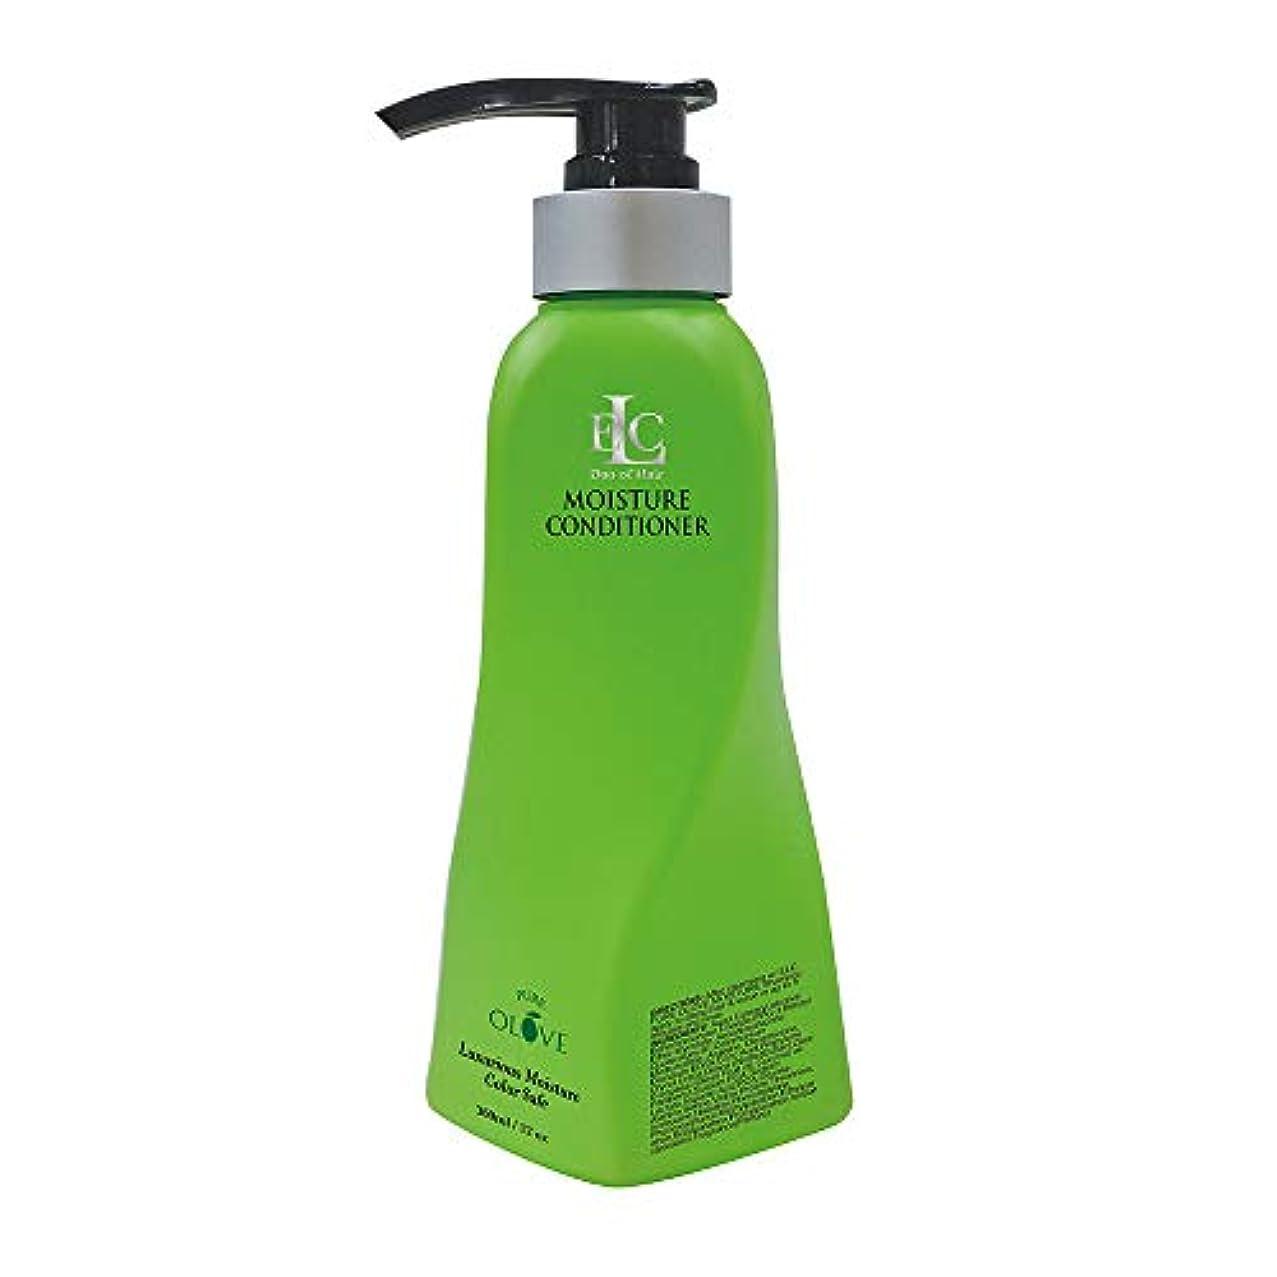 ビジョンハドル書き込みELC Dao of Hair ELCピュアOloveモイスチャライジングコンディショナー - モイスチャーリッチナチュラルボタニカル&有機油は、栄養を与え、修理、強化、ドライ髪を再水和 12オンス